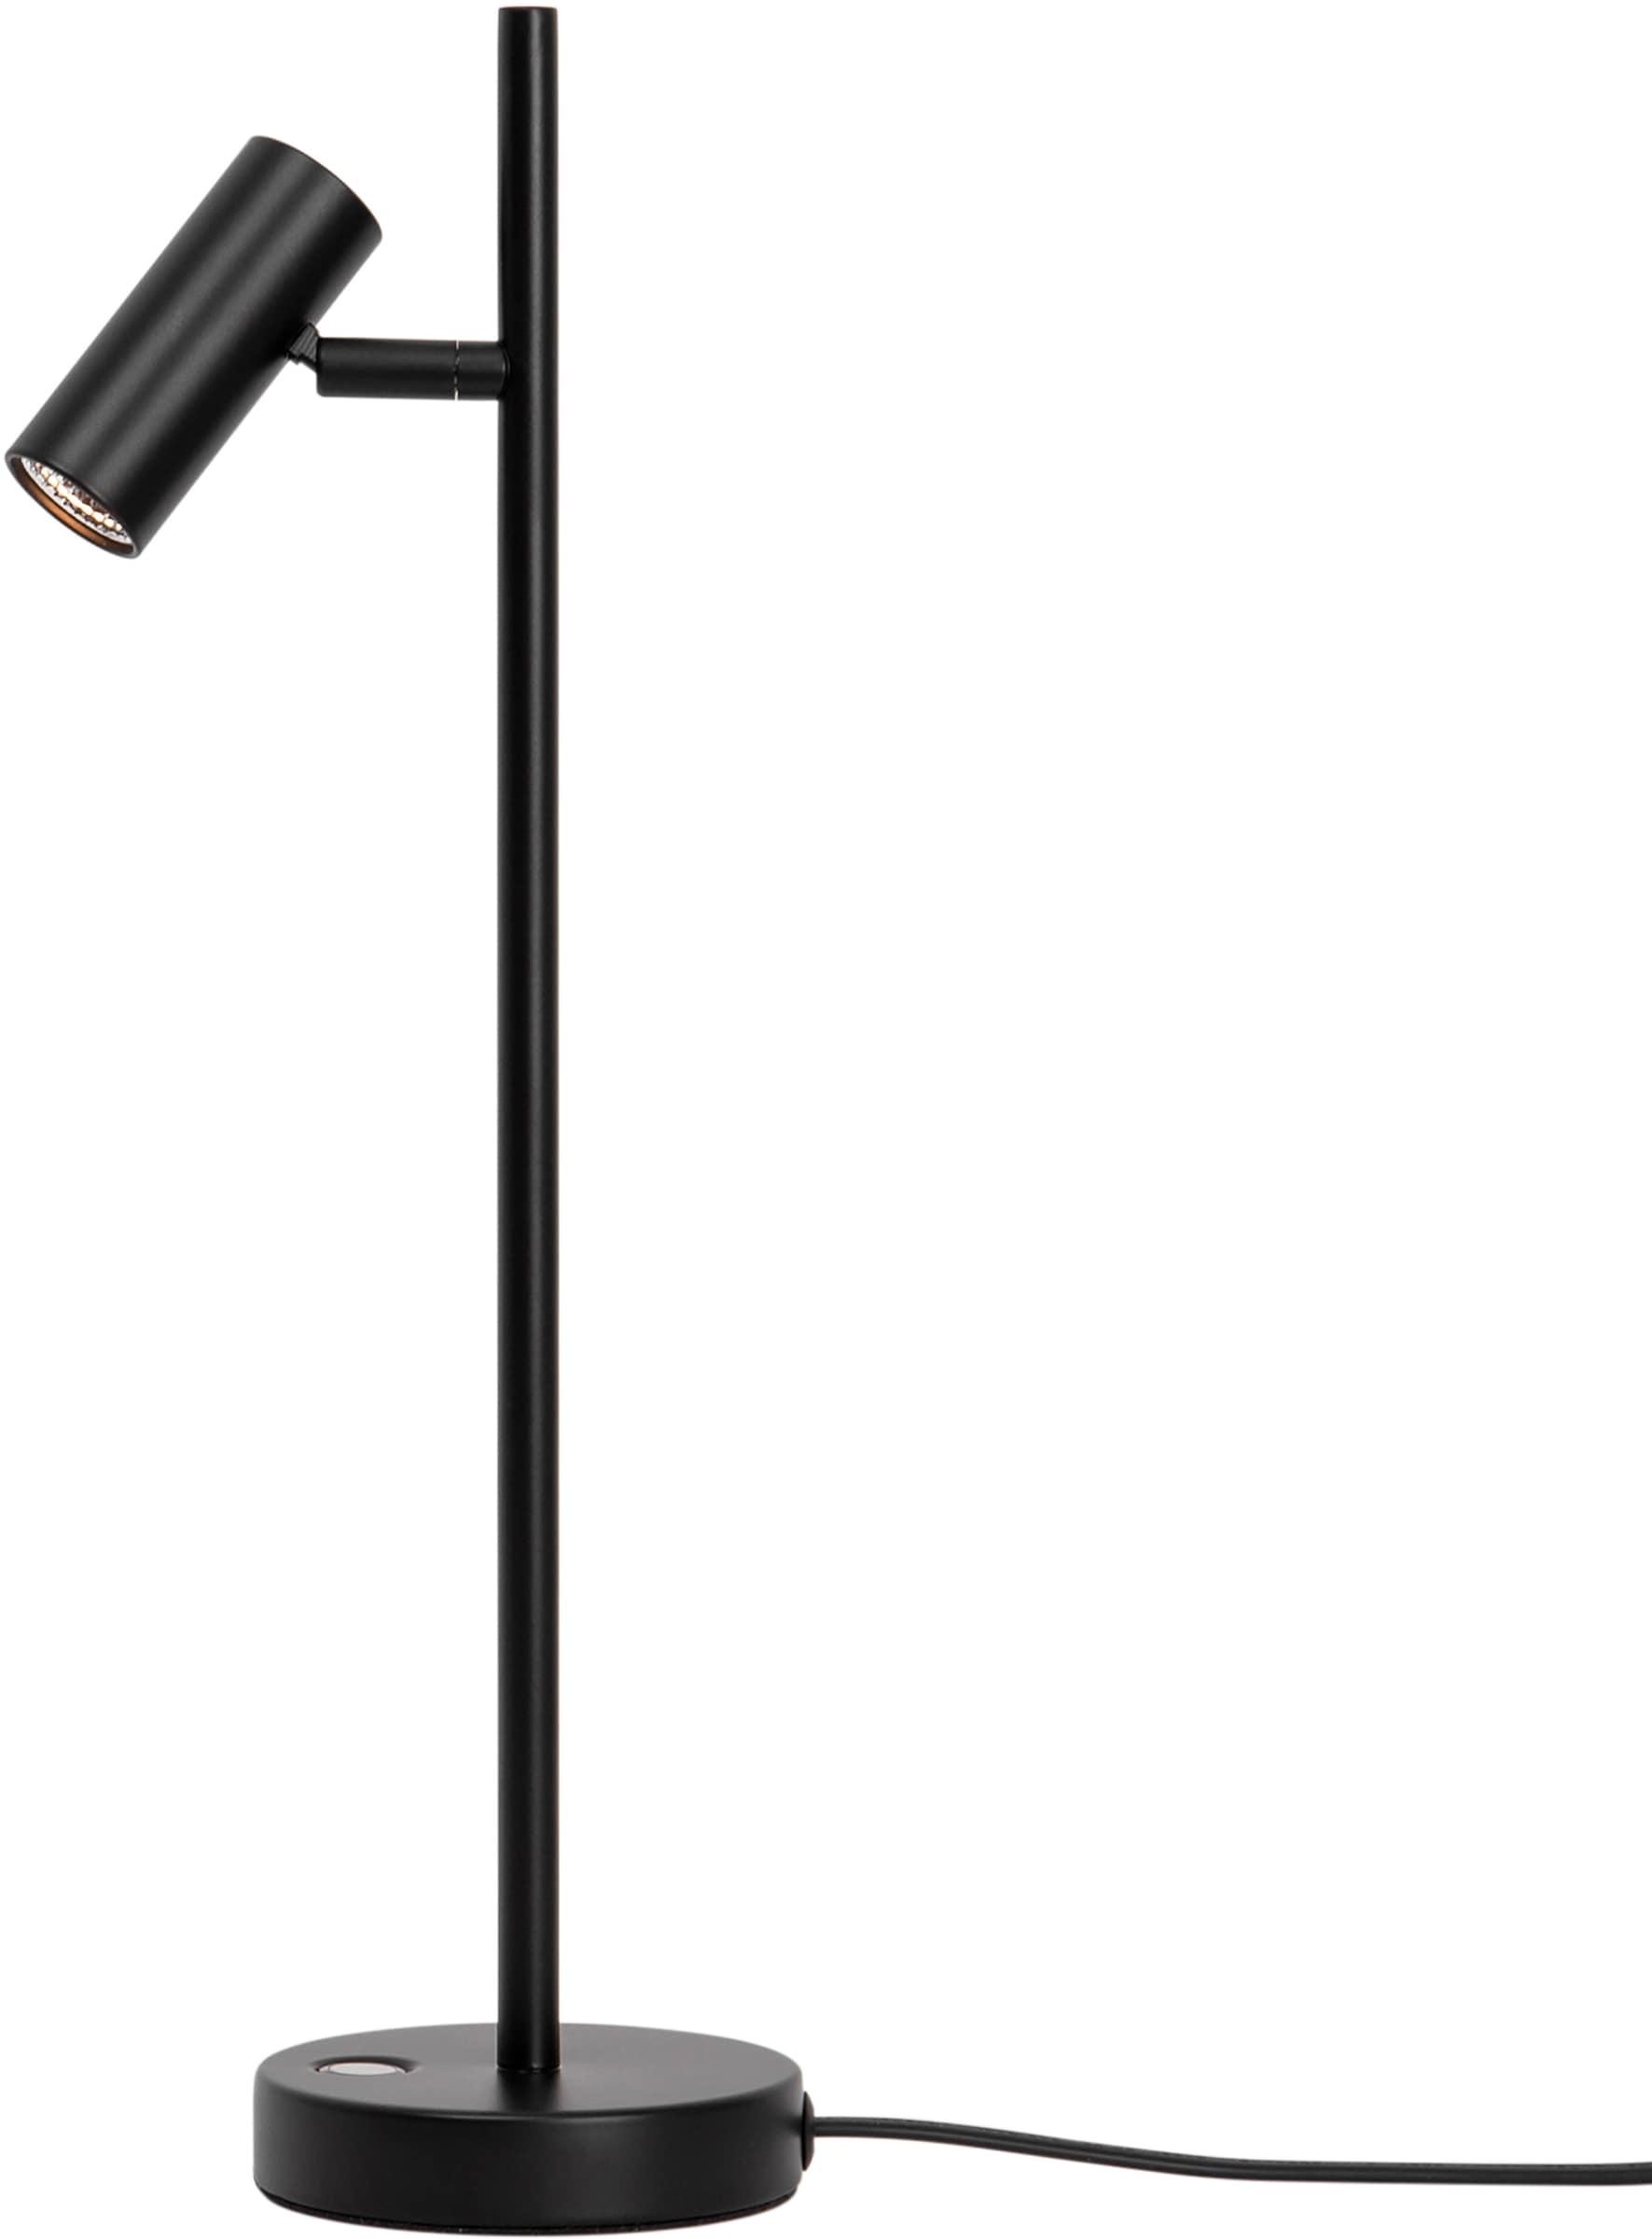 Nordlux LED Tischleuchte OMARI, LED-Modul, 5 Jahre Garantie auf die LED